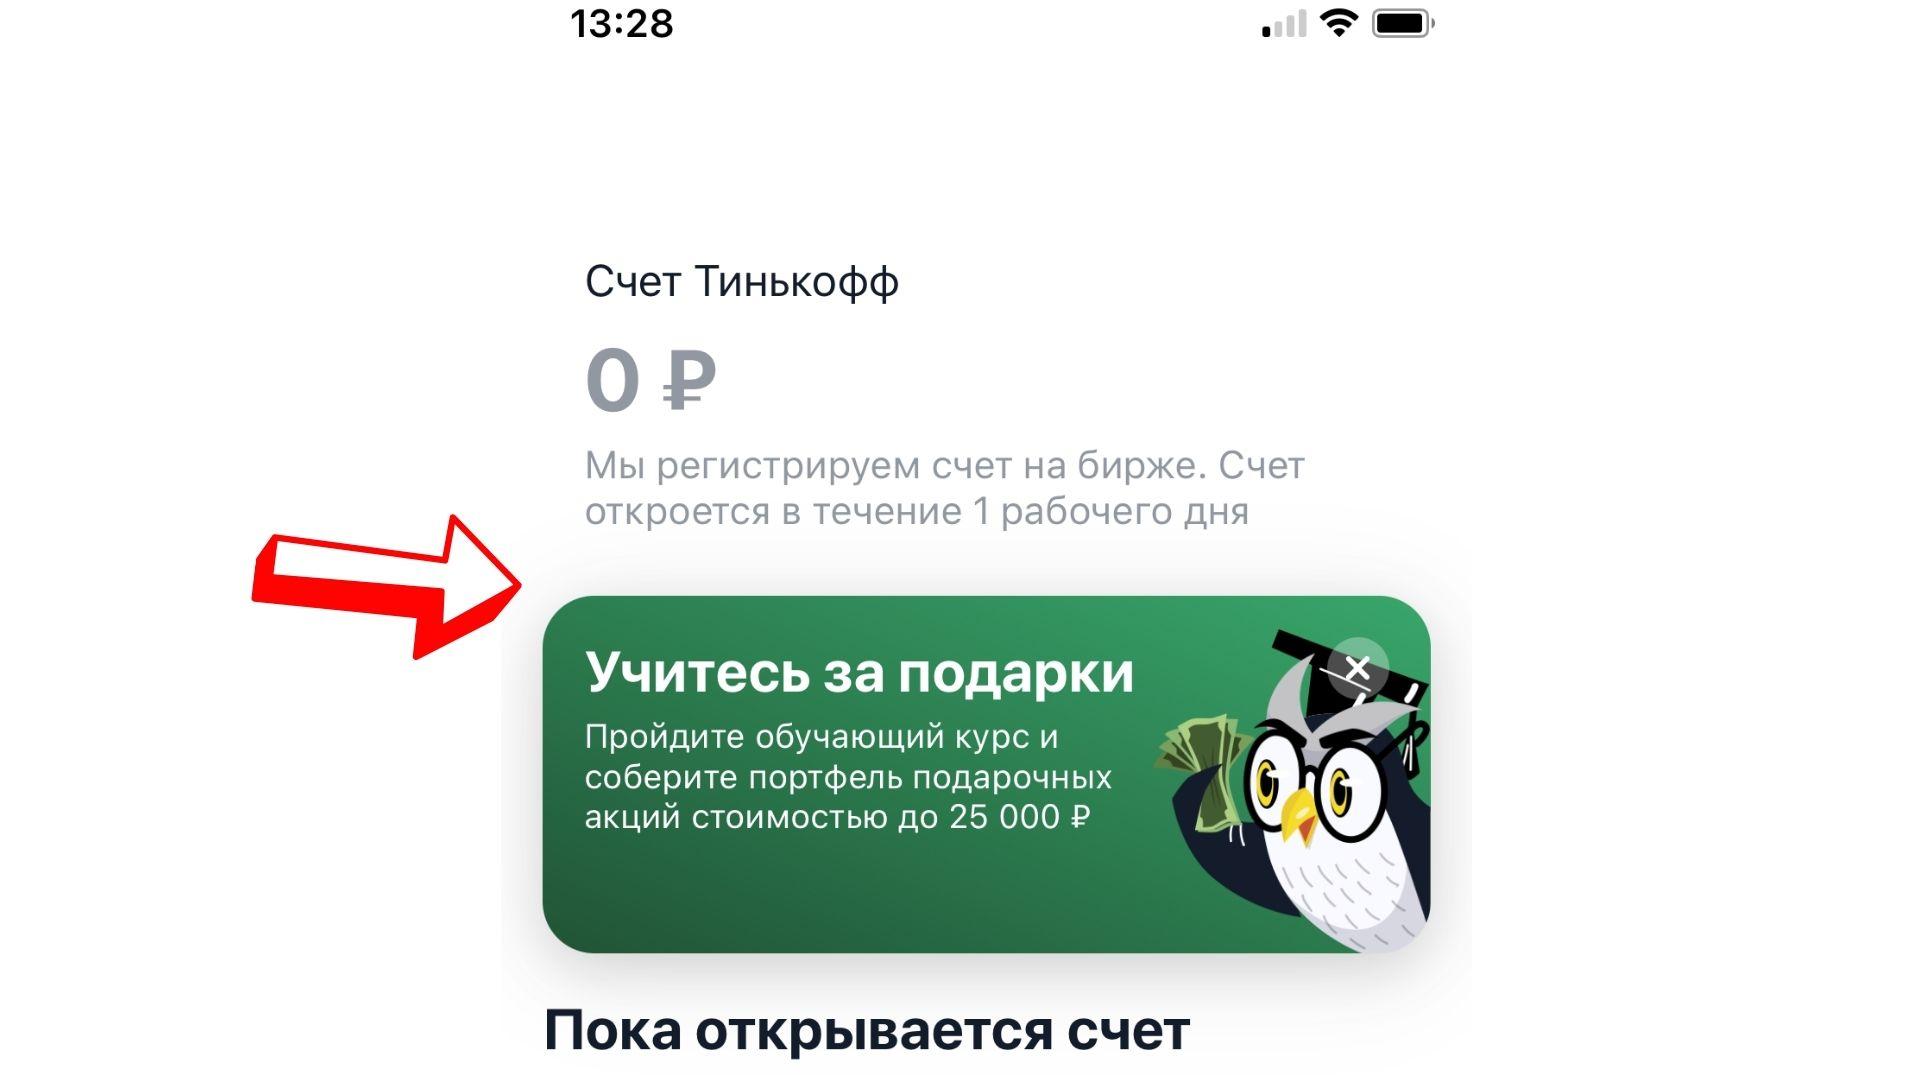 Как купить акции Яндекса физическому лицу. Инструкция Урок